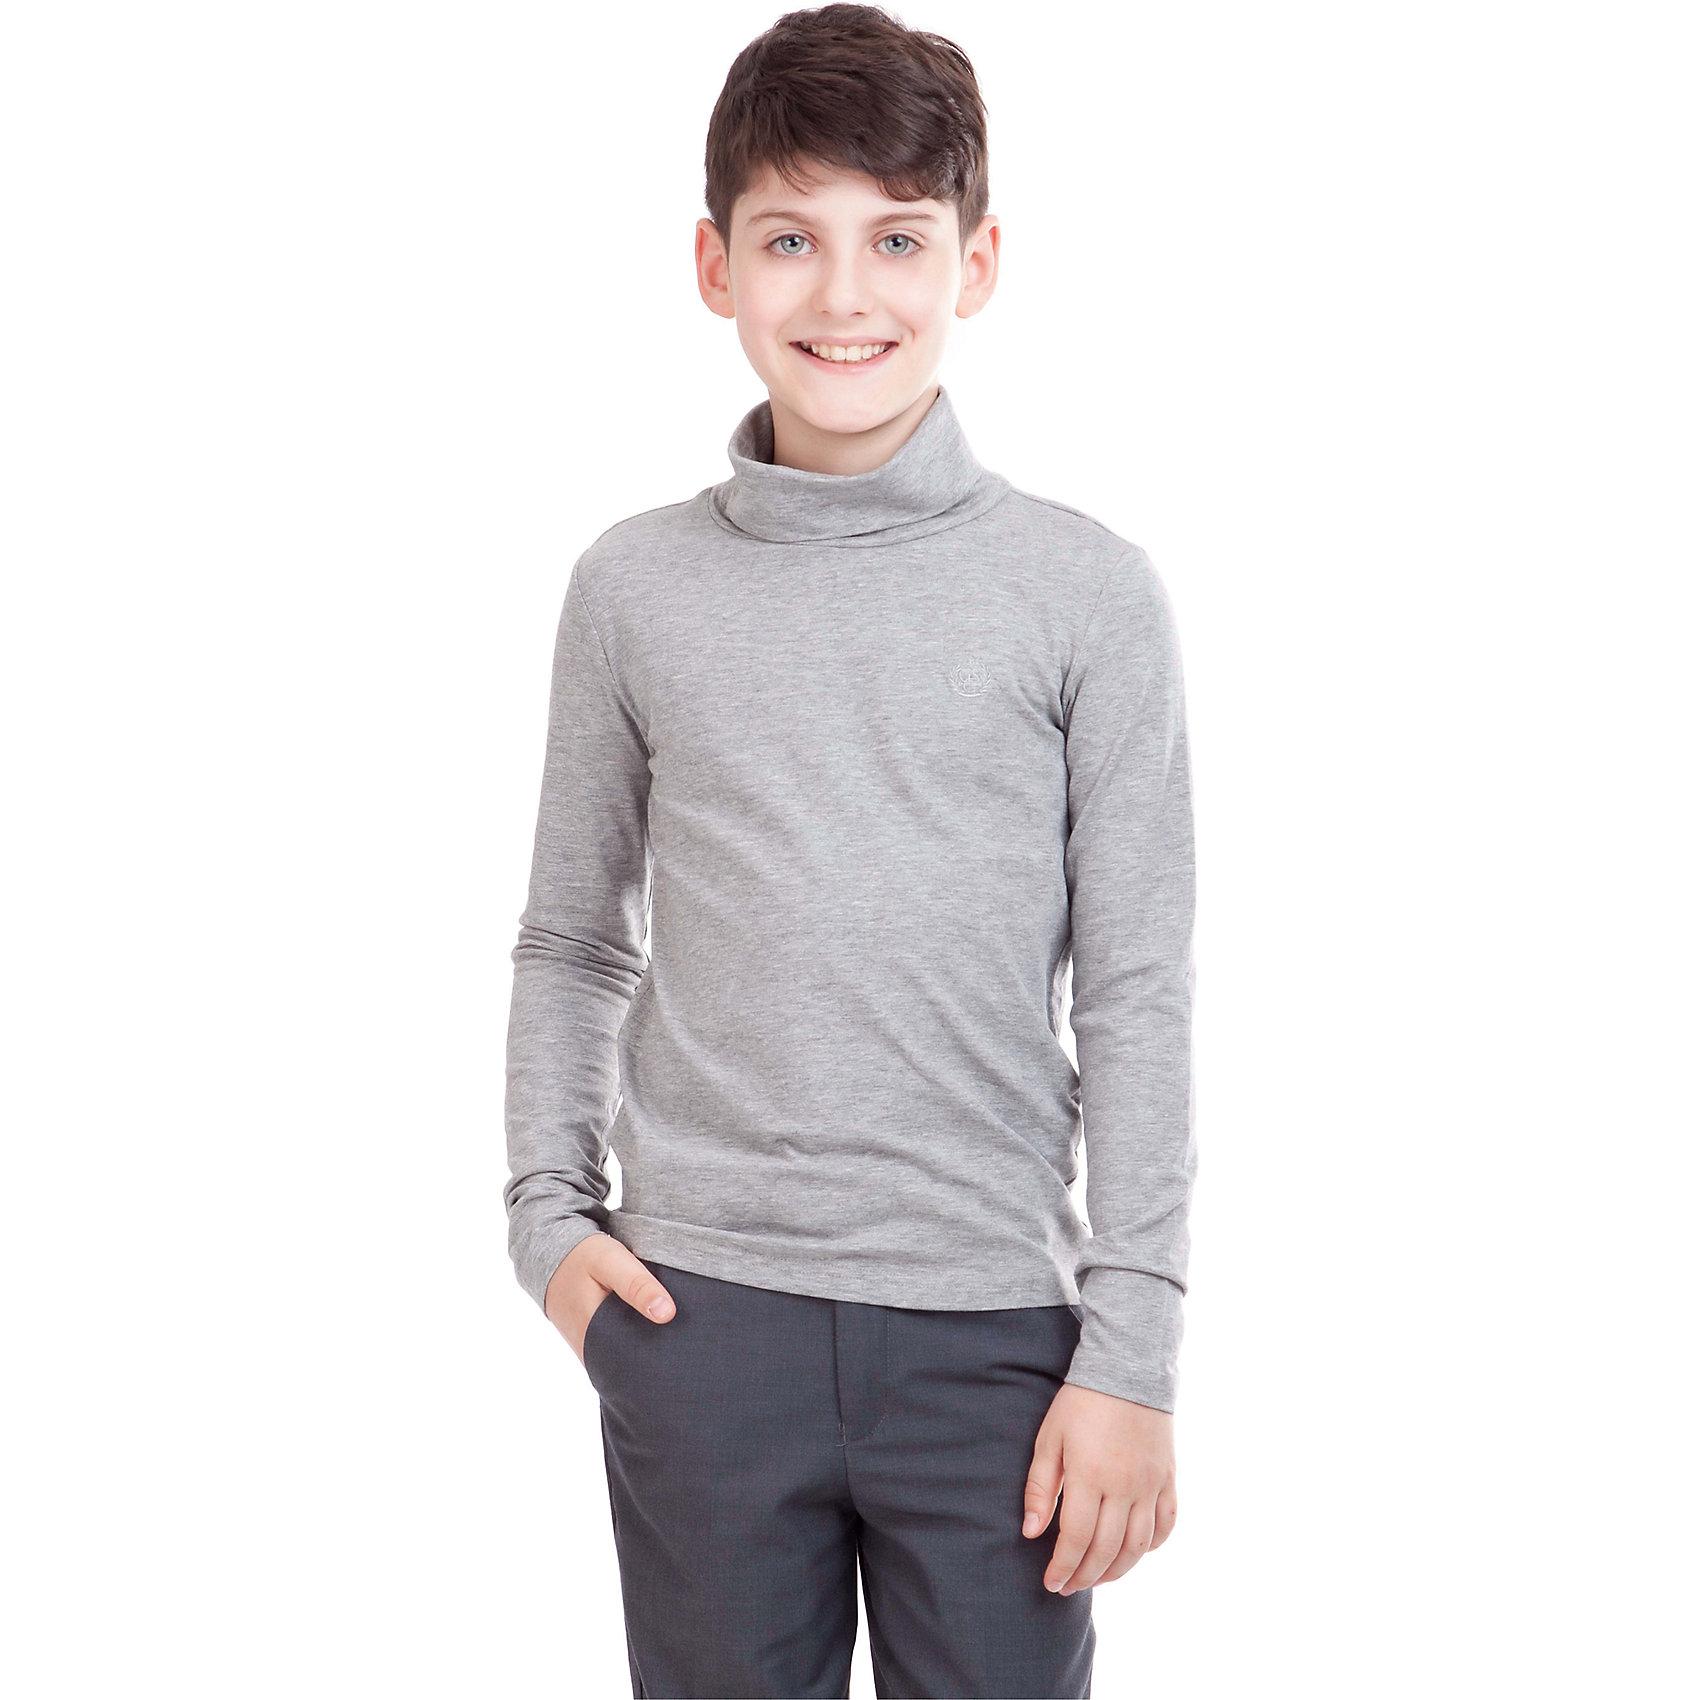 Водолазка для мальчика GulliverВодолазки<br>Водолазка для мальчика от российского бренда Gulliver.<br>Водолазка на каждый день должна быть удобной и практичной,  ведь это базовая вещь в гардеробе ребенка. Трикотажное полотно с эластаном обеспечивает комфортное прилегание к фигуре и комфорт в носке.<br>Состав:<br>95% хлопок        5% эластан<br><br>Ширина мм: 230<br>Глубина мм: 40<br>Высота мм: 220<br>Вес г: 250<br>Цвет: серый<br>Возраст от месяцев: 84<br>Возраст до месяцев: 96<br>Пол: Мужской<br>Возраст: Детский<br>Размер: 134,122,128,158,152,146,140<br>SKU: 4174502